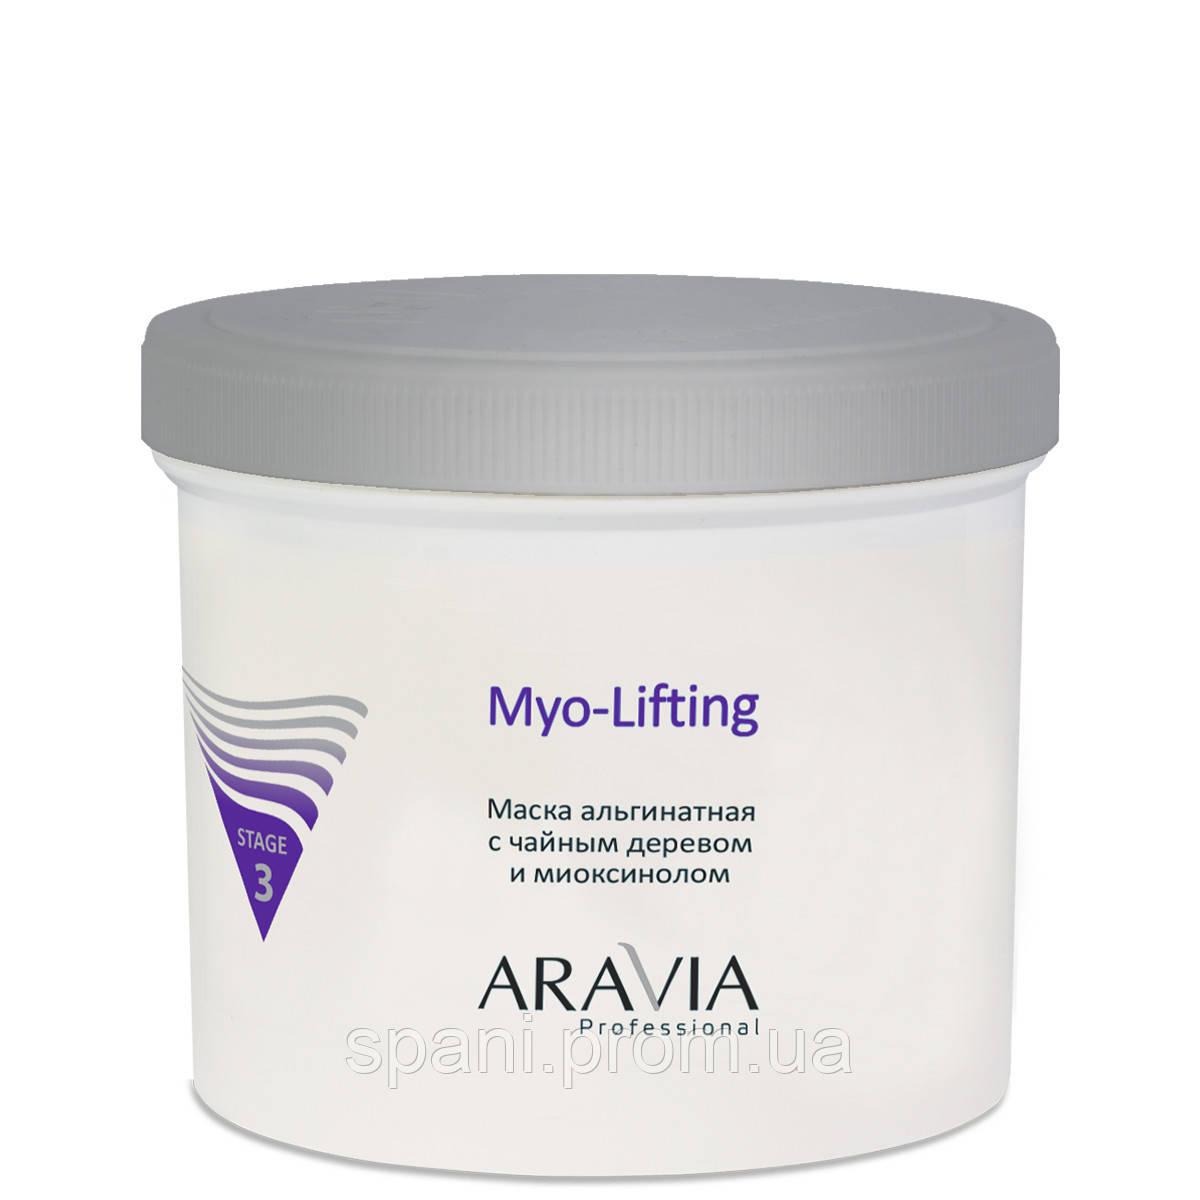 """""""ARAVIA Professional"""" Маска альгинатная с чайным деревом и миоксинолом Myo-Lifting, 550 мл."""